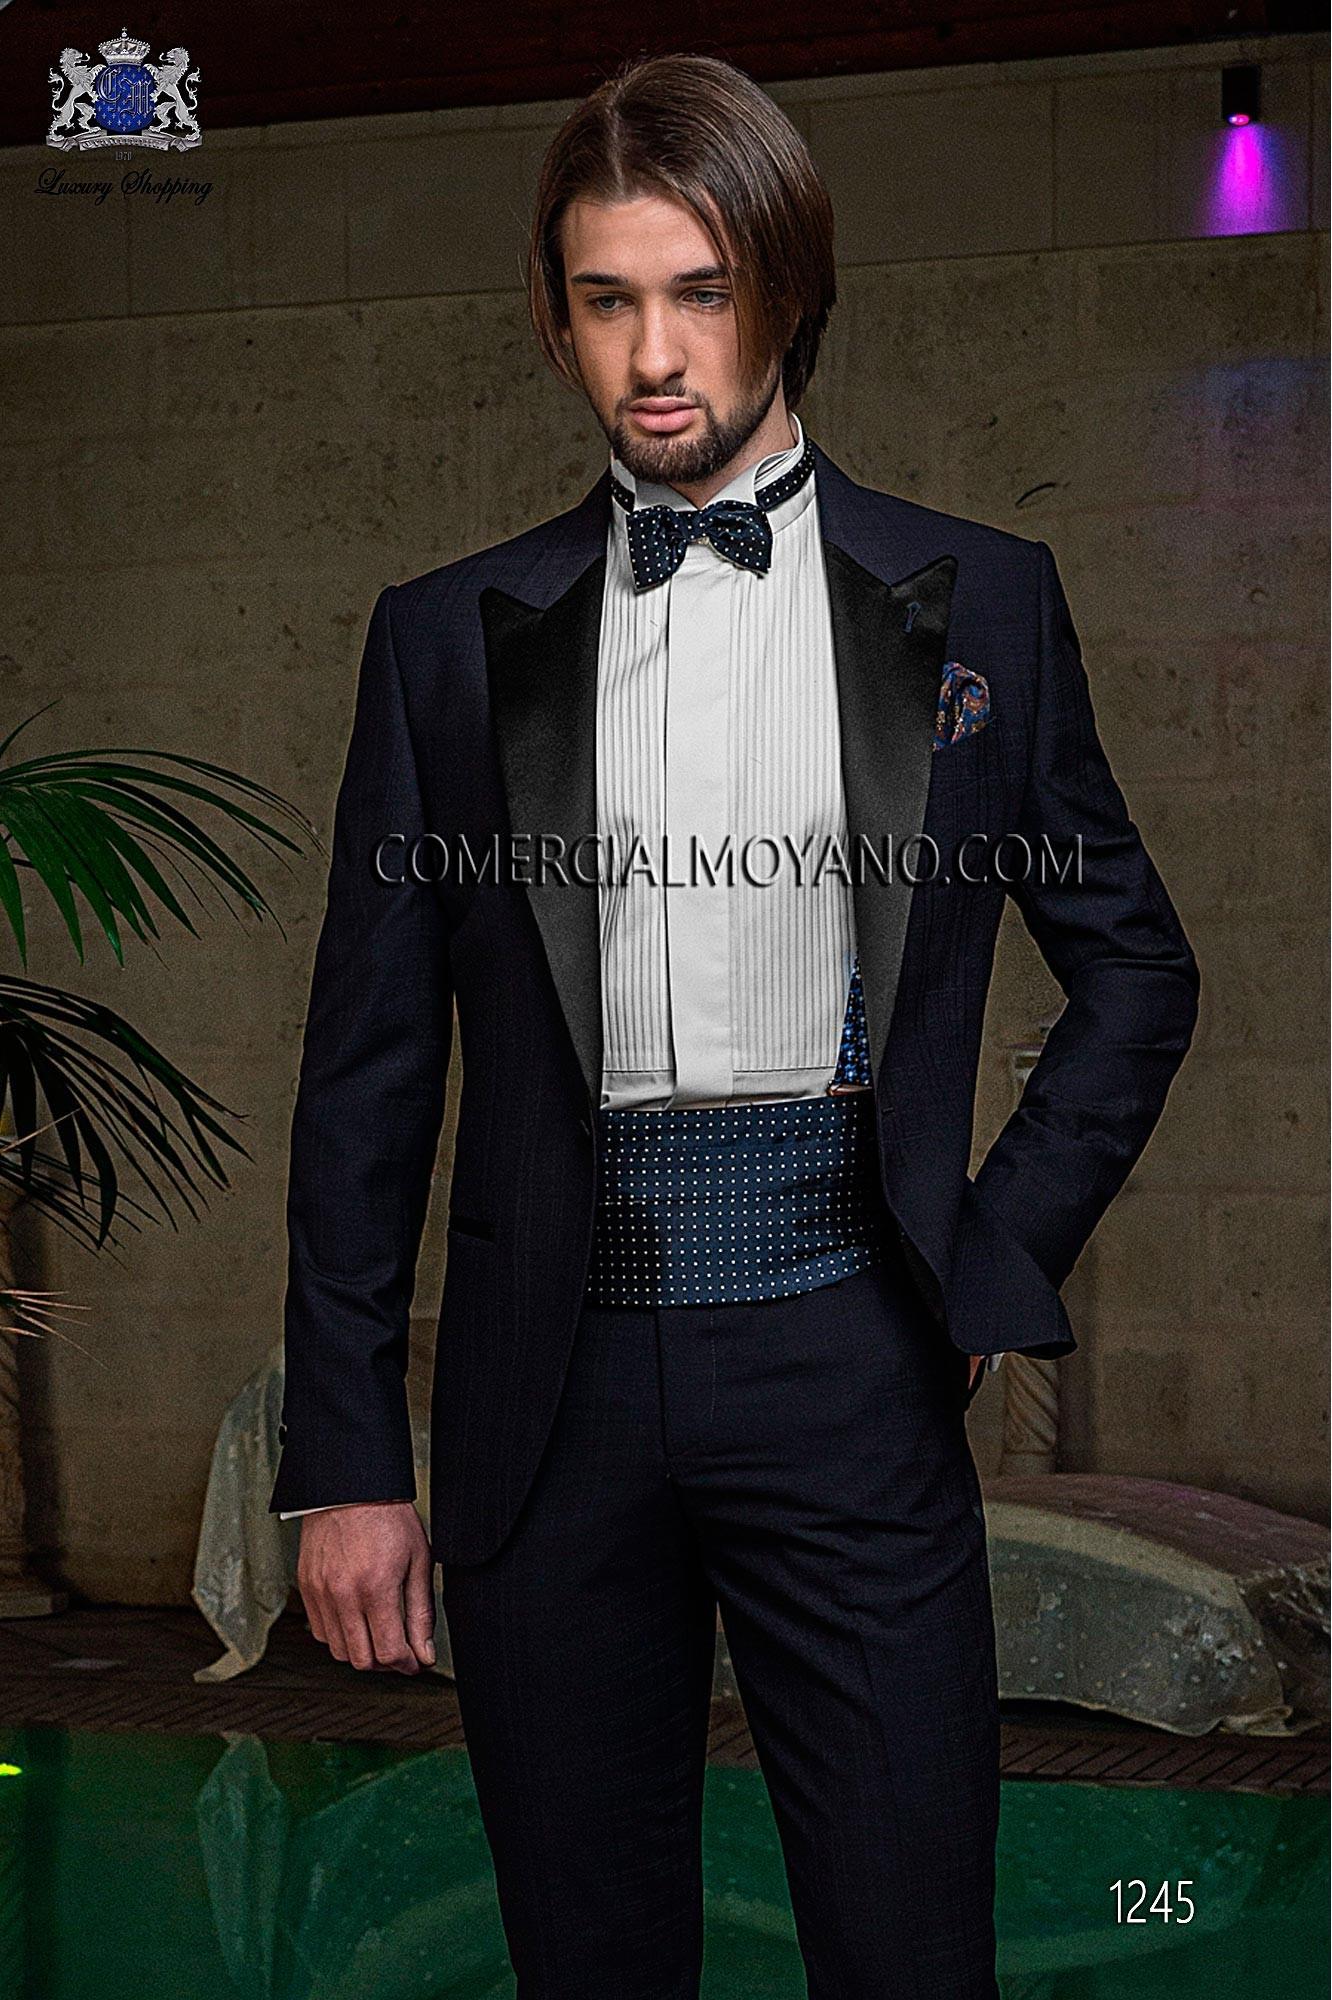 Traje BlackTie de novio azul modelo: 1245 Ottavio Nuccio Gala colección Black Tie